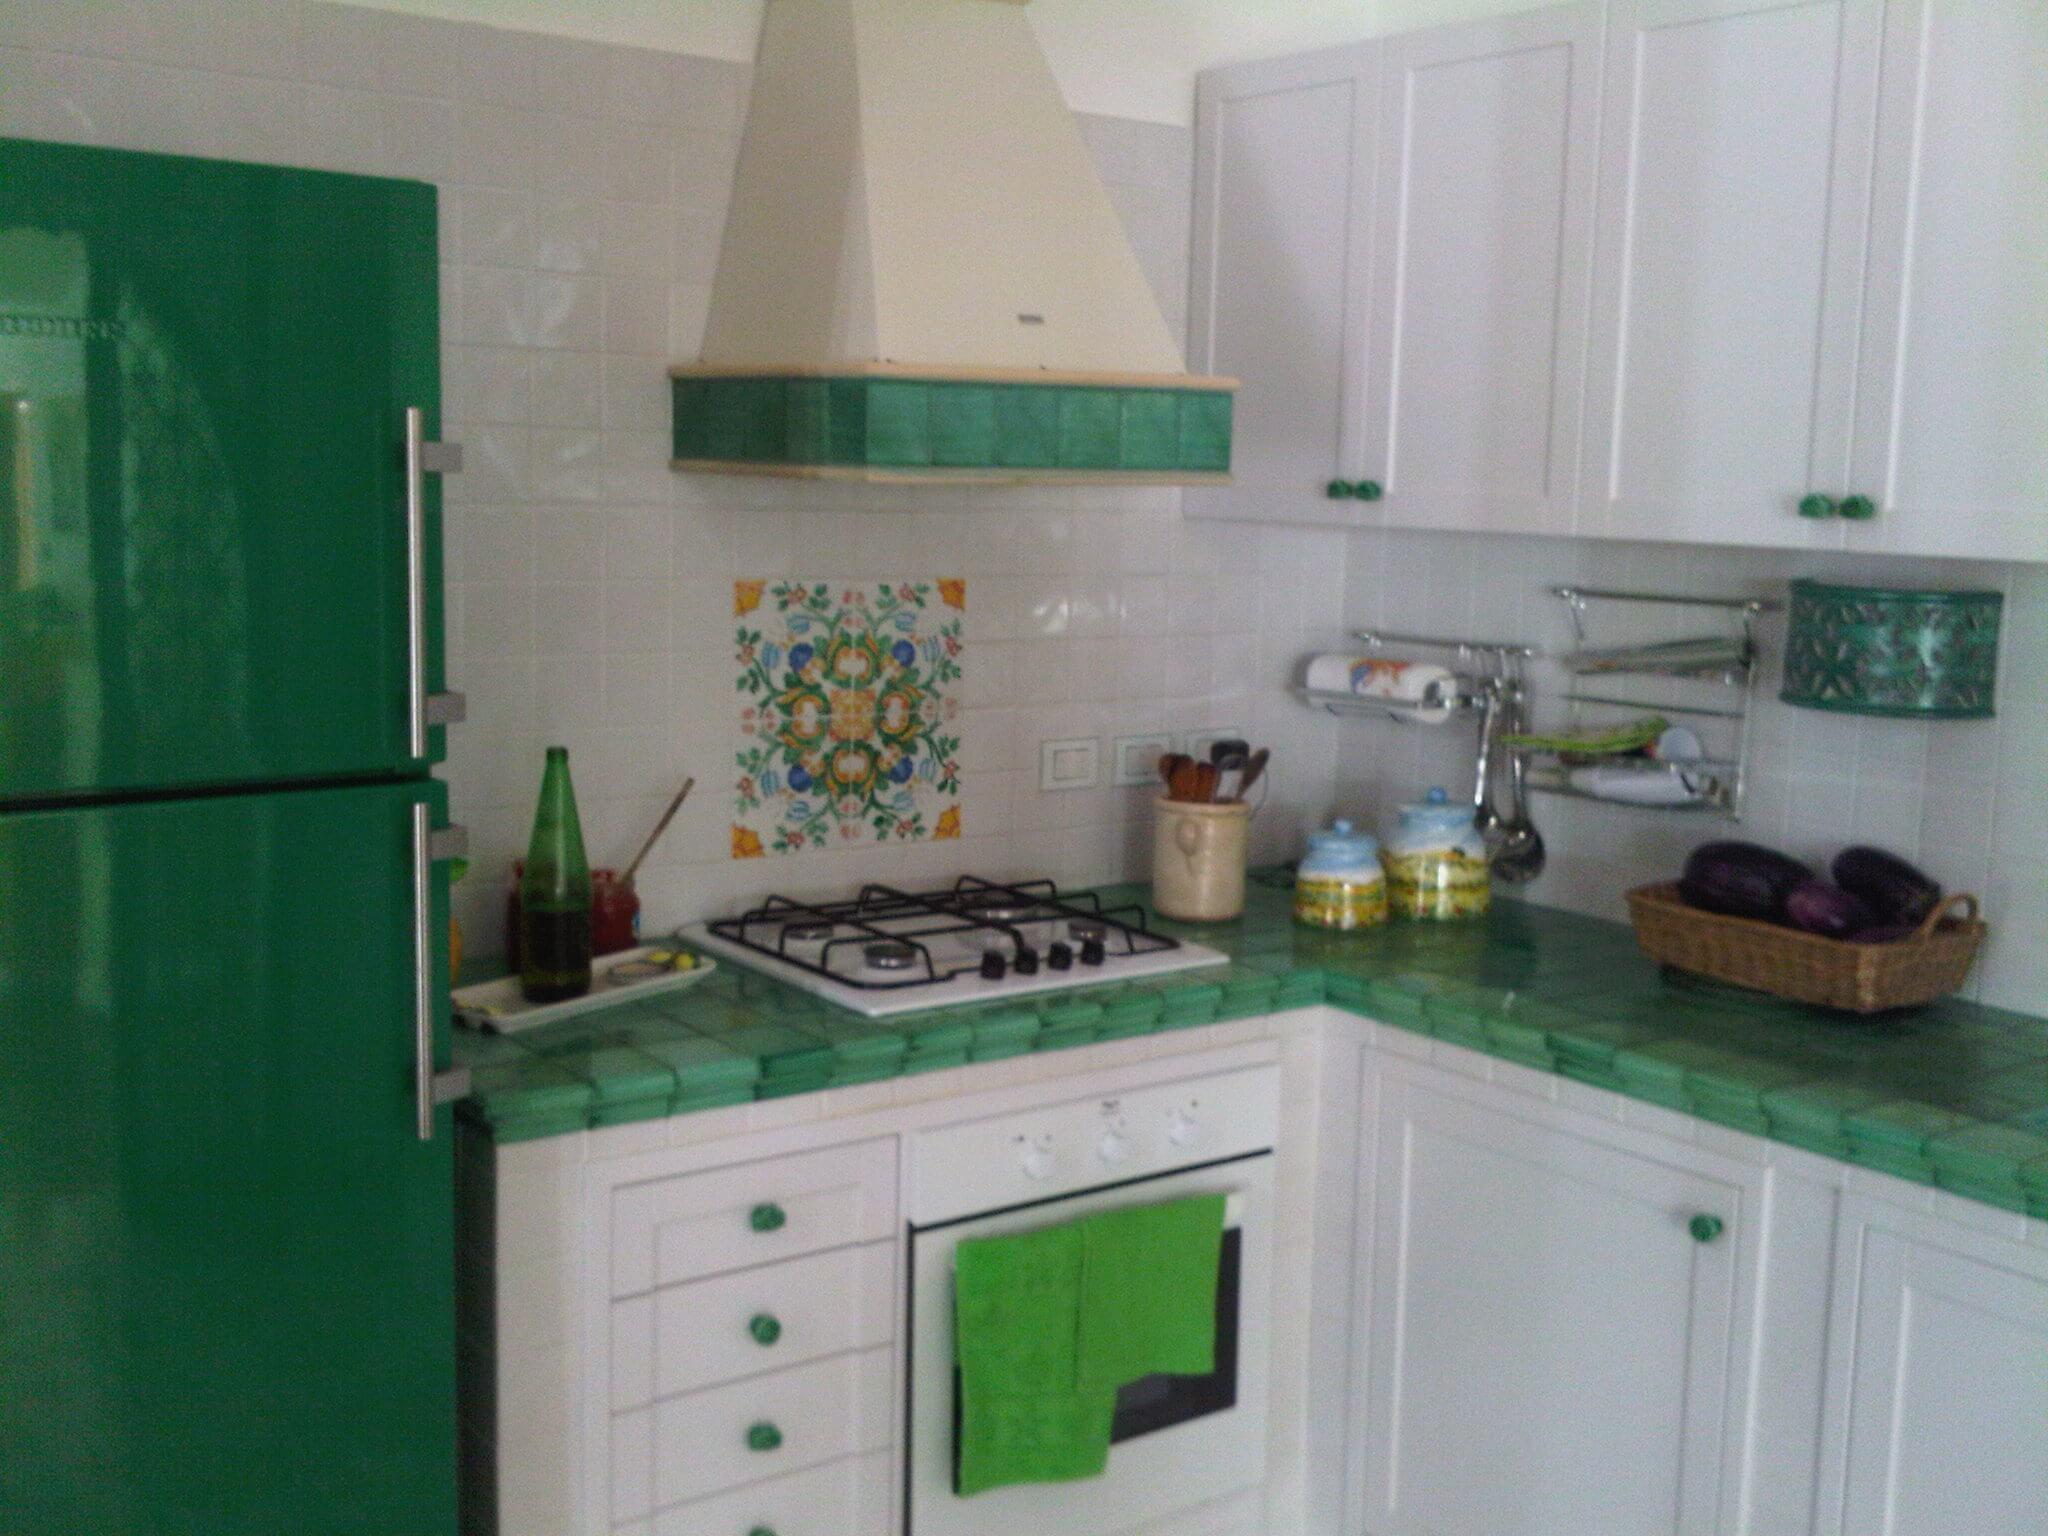 cucina con mobili bianchi, piano in mattonelle verdi e frigo verde